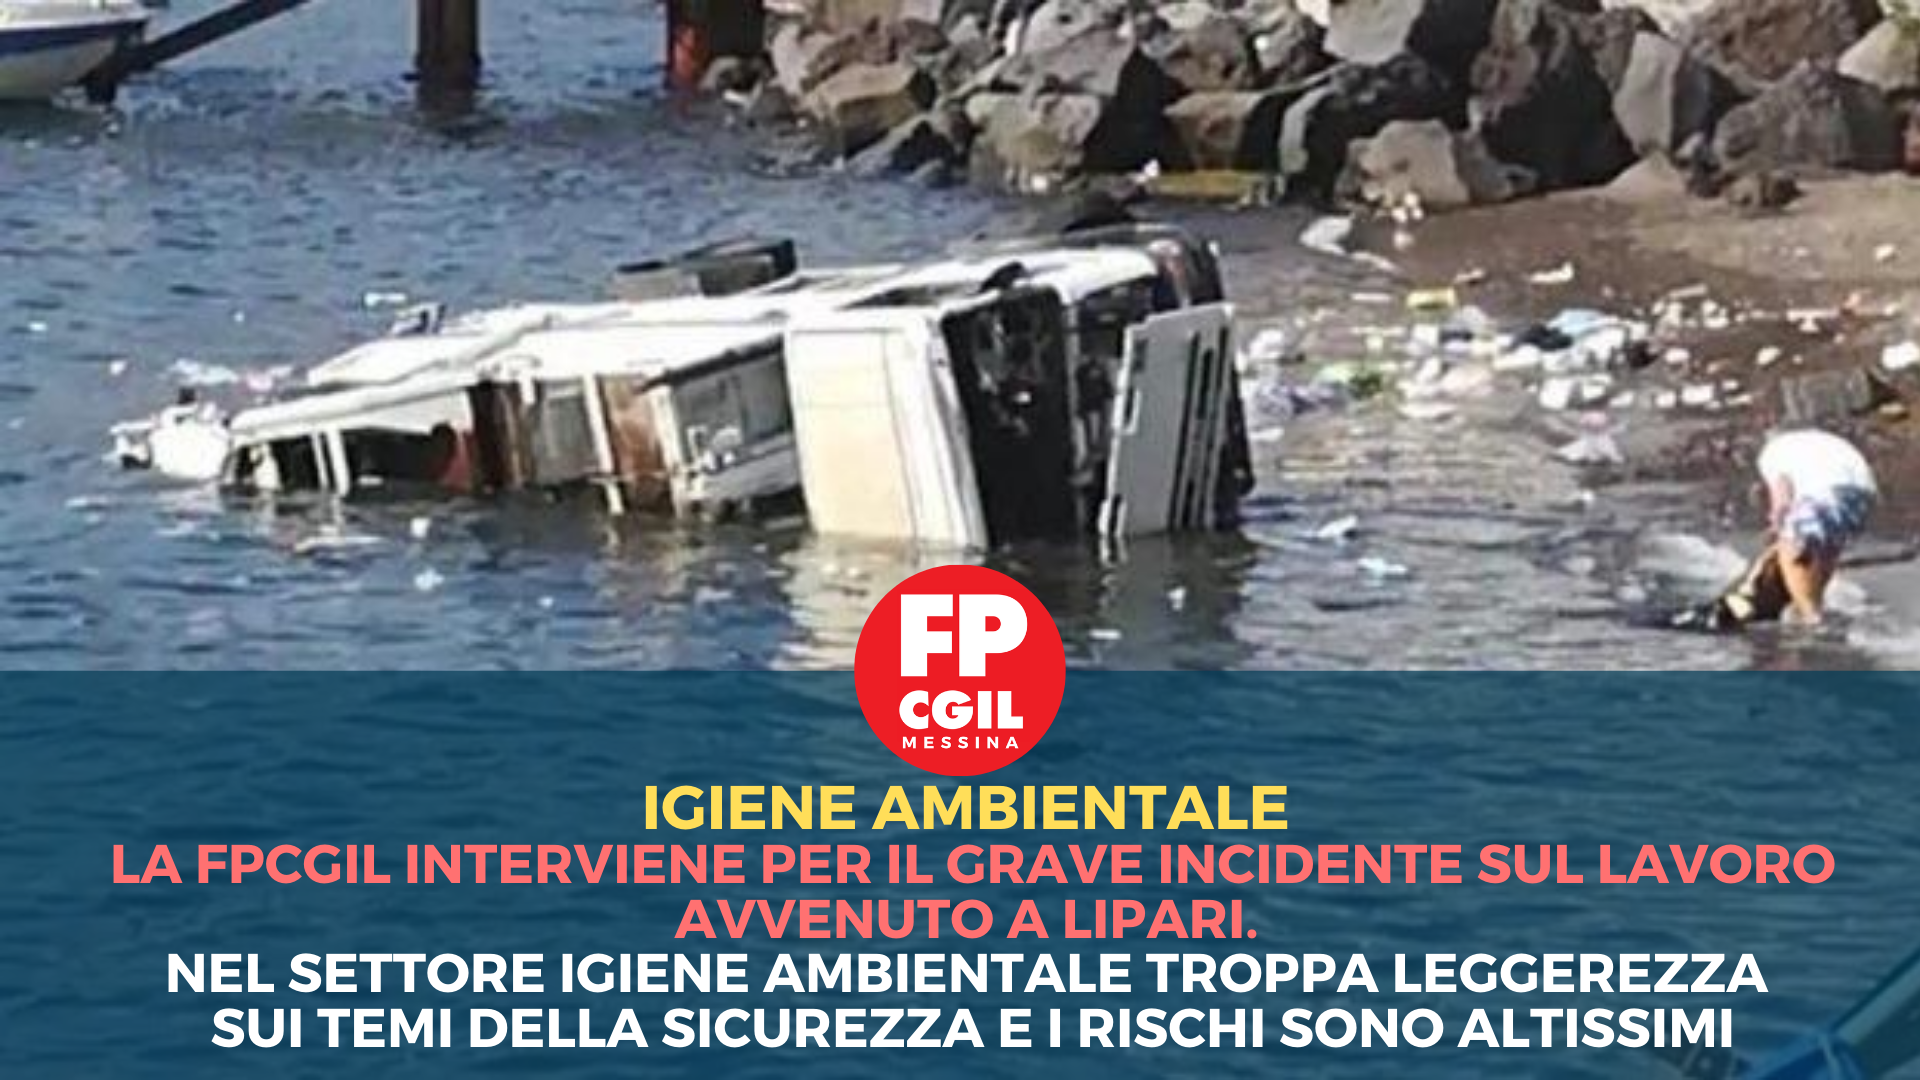 La FPCGIL interviene per il grave incidente sul lavoro avvenuto a Lipari. Nel settore igiene ambientale troppa leggerezza sui temi della sicurezza e i rischi sono altissimi